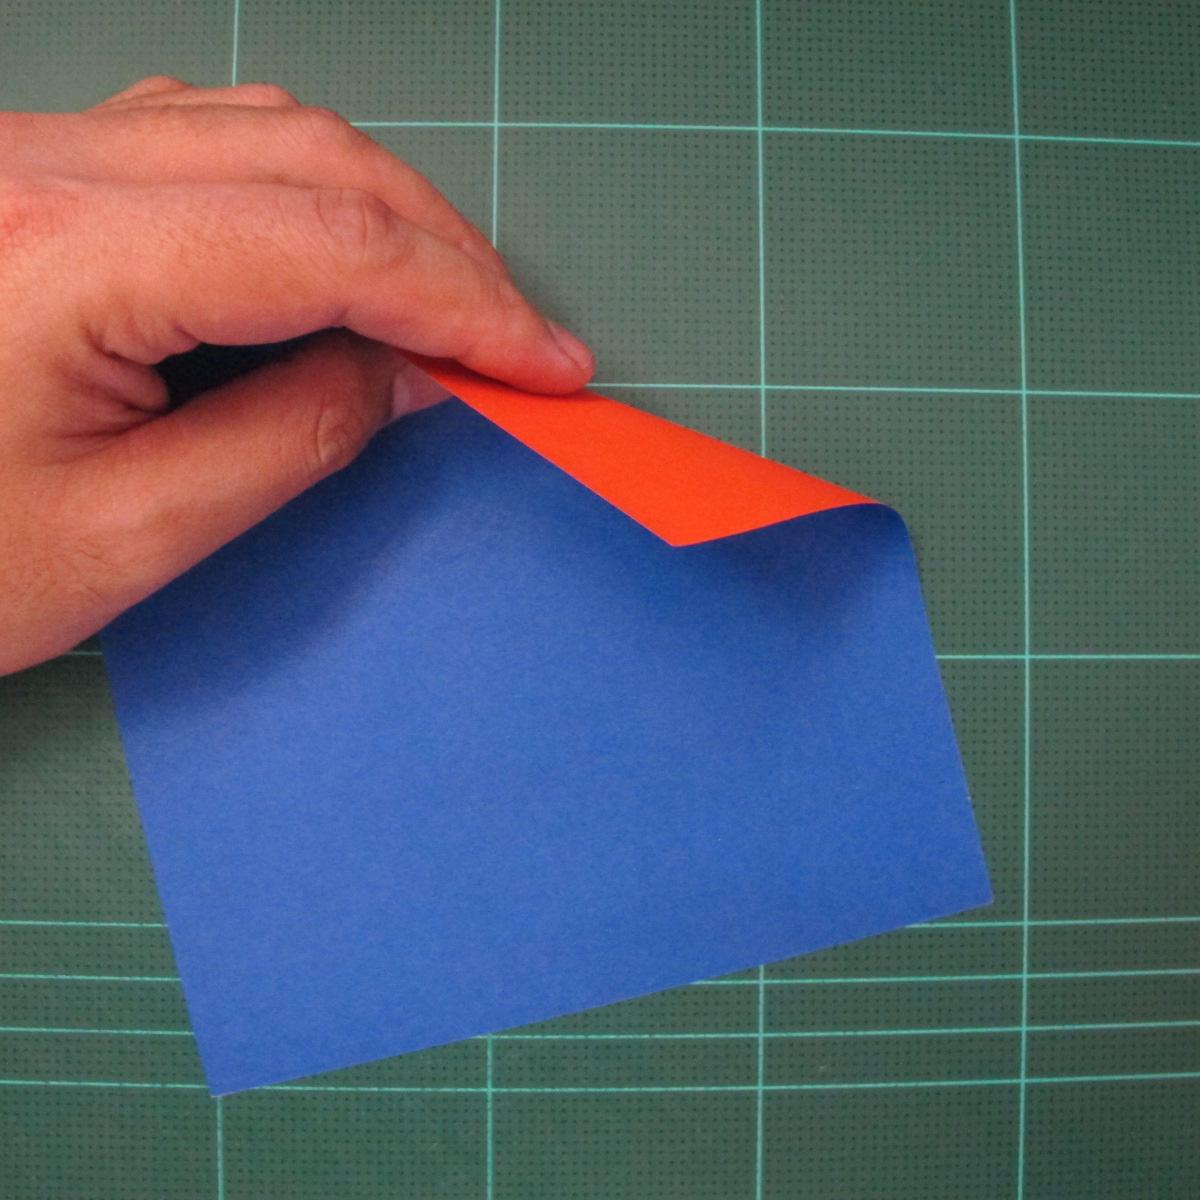 การพับกระดาษเป็นรูปเรือใบ (Origami Sail Boat) 001